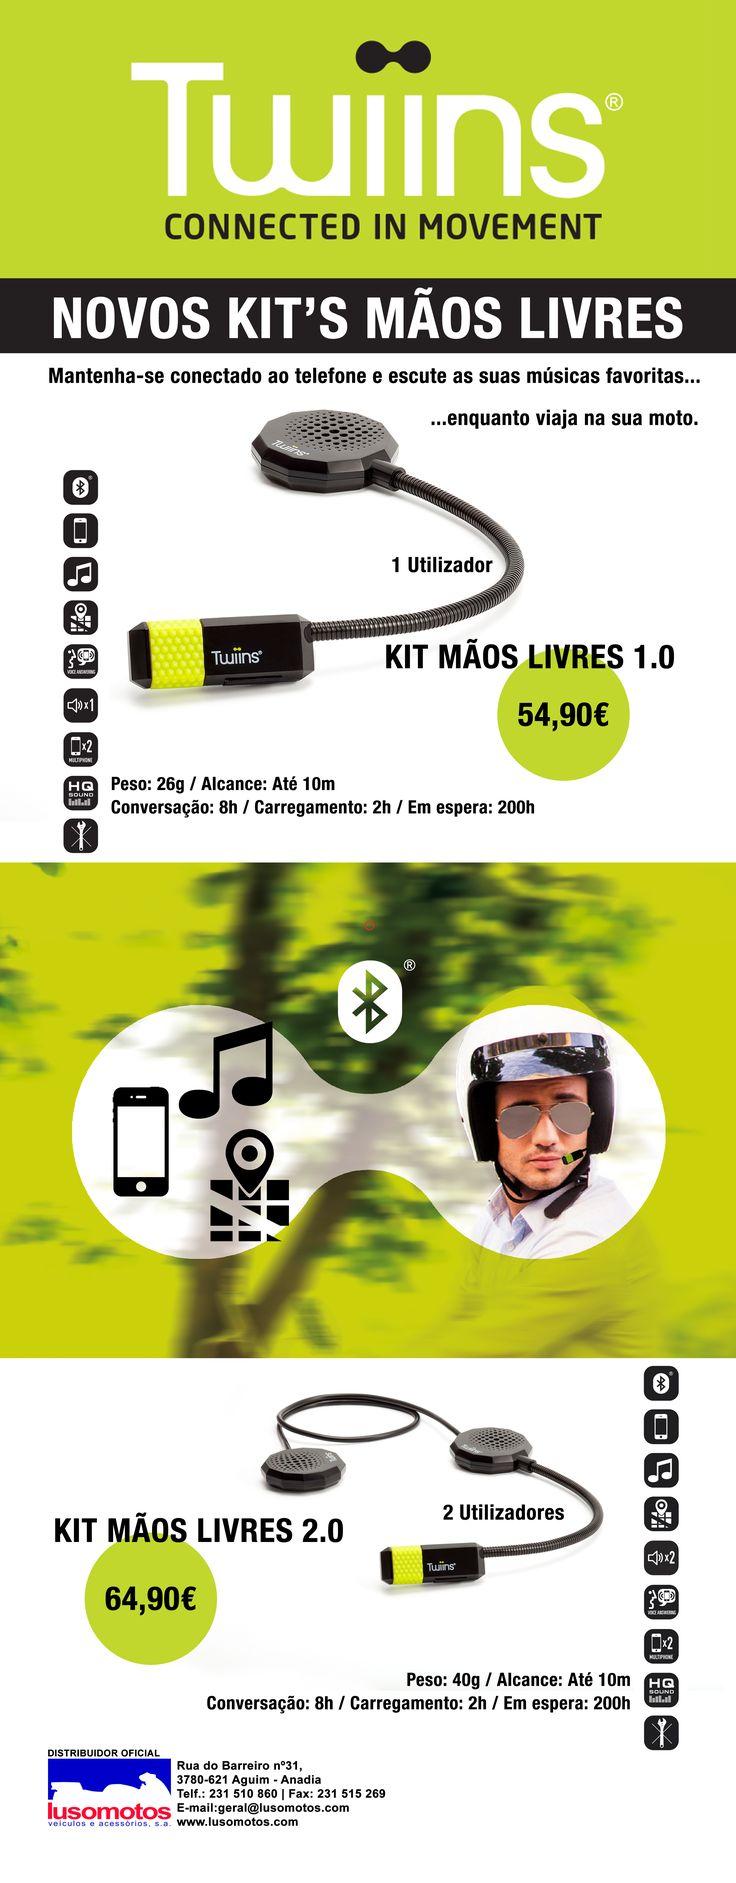 TWIINS | Novos Kit's Mãos Livres || Os novos Kit's Mãos Livres já estão disponíveis na Lusomotos! Já tem o seu? Prepare as suas férias com tudo o que tem direito. #lusomotos #twiins #kitmãoslivres #mãoslivres #estilodevida #capacete #moto #comunicação #gps #música #andardemoto